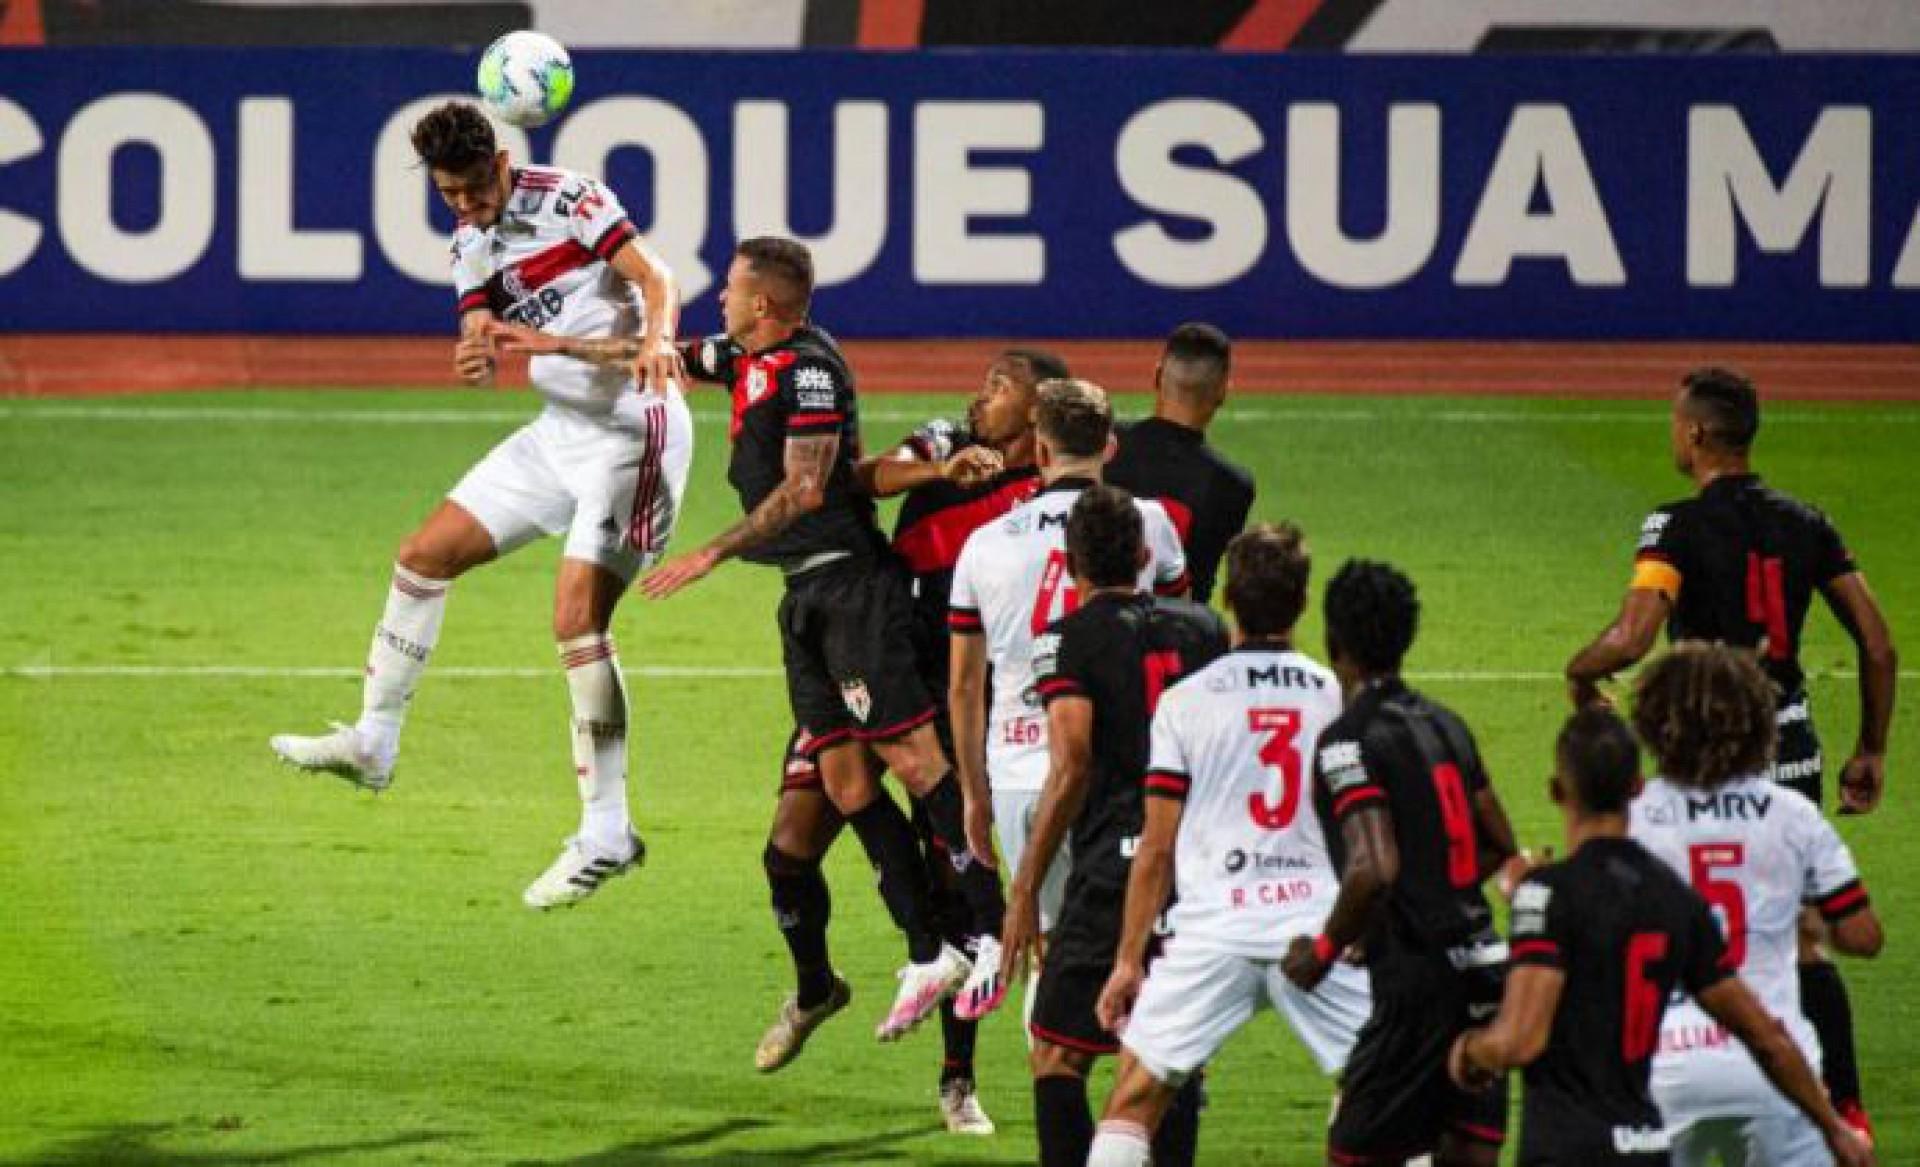 Coritiba X Flamengo Pelo Brasileirao Onde Assistir A Transmissao Ao Vivo E Que Horas E O Jogo Futebol Esportes O Povo